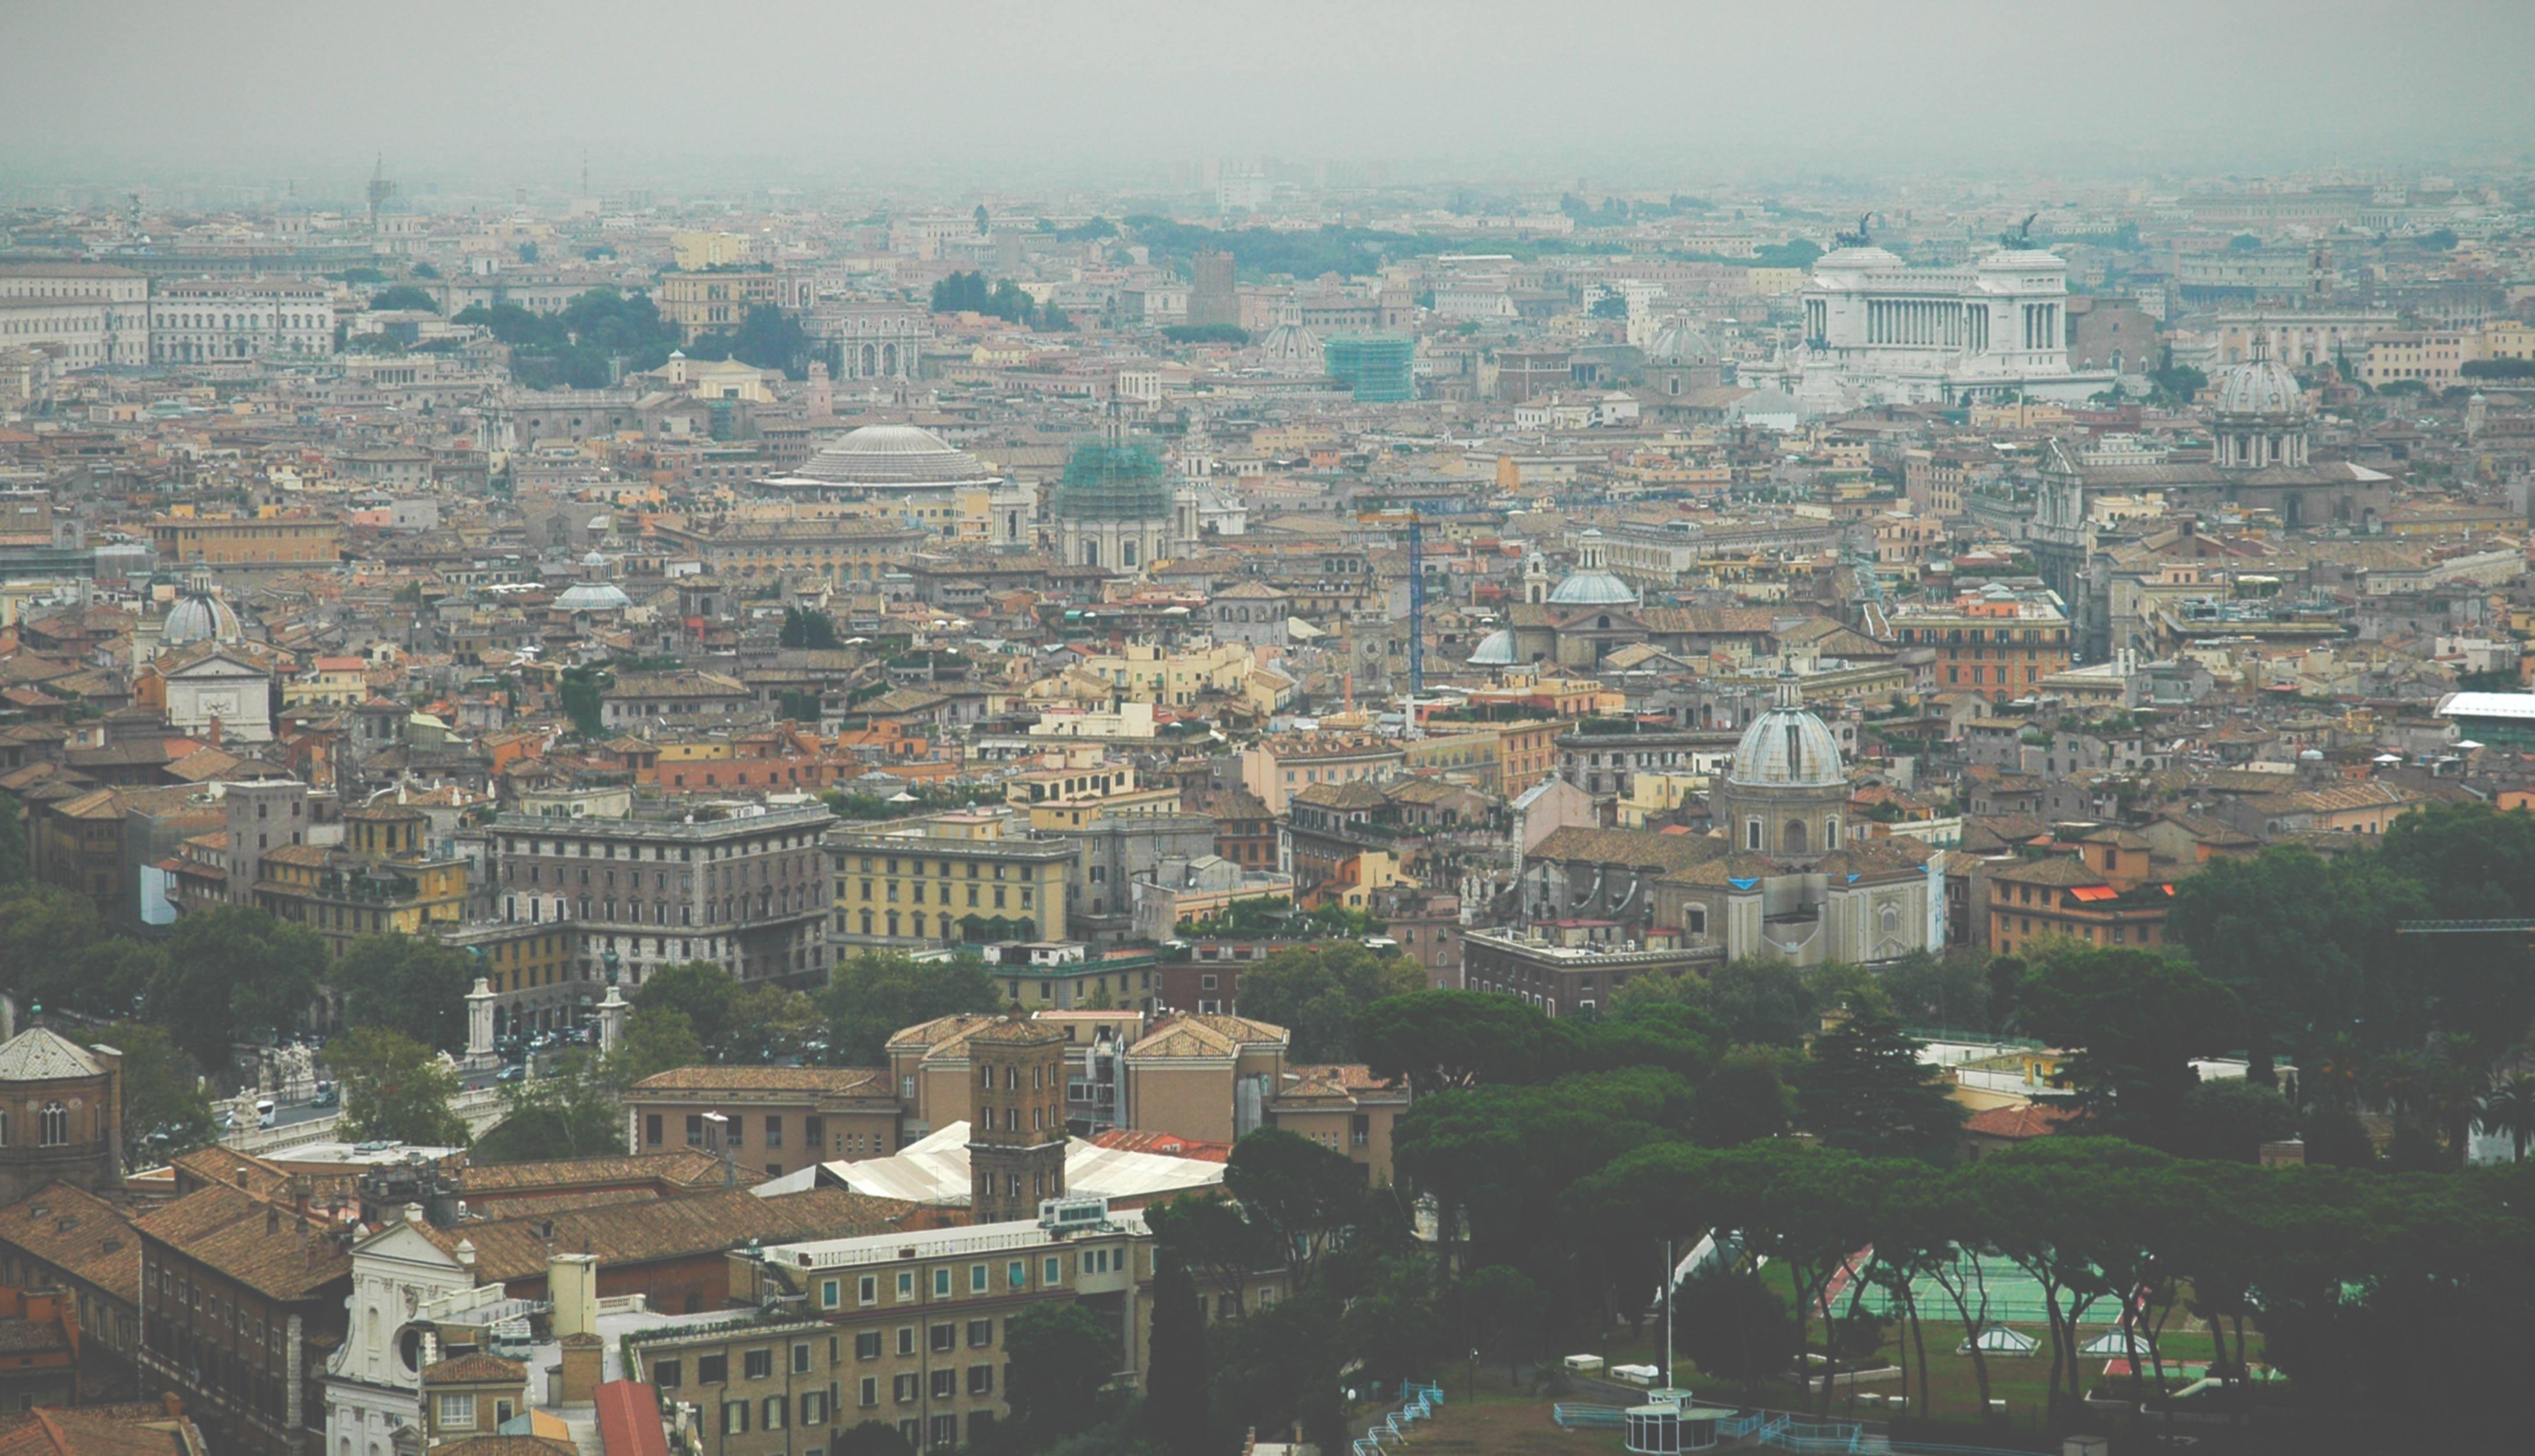 Rome Foggy Skyline Rooftops